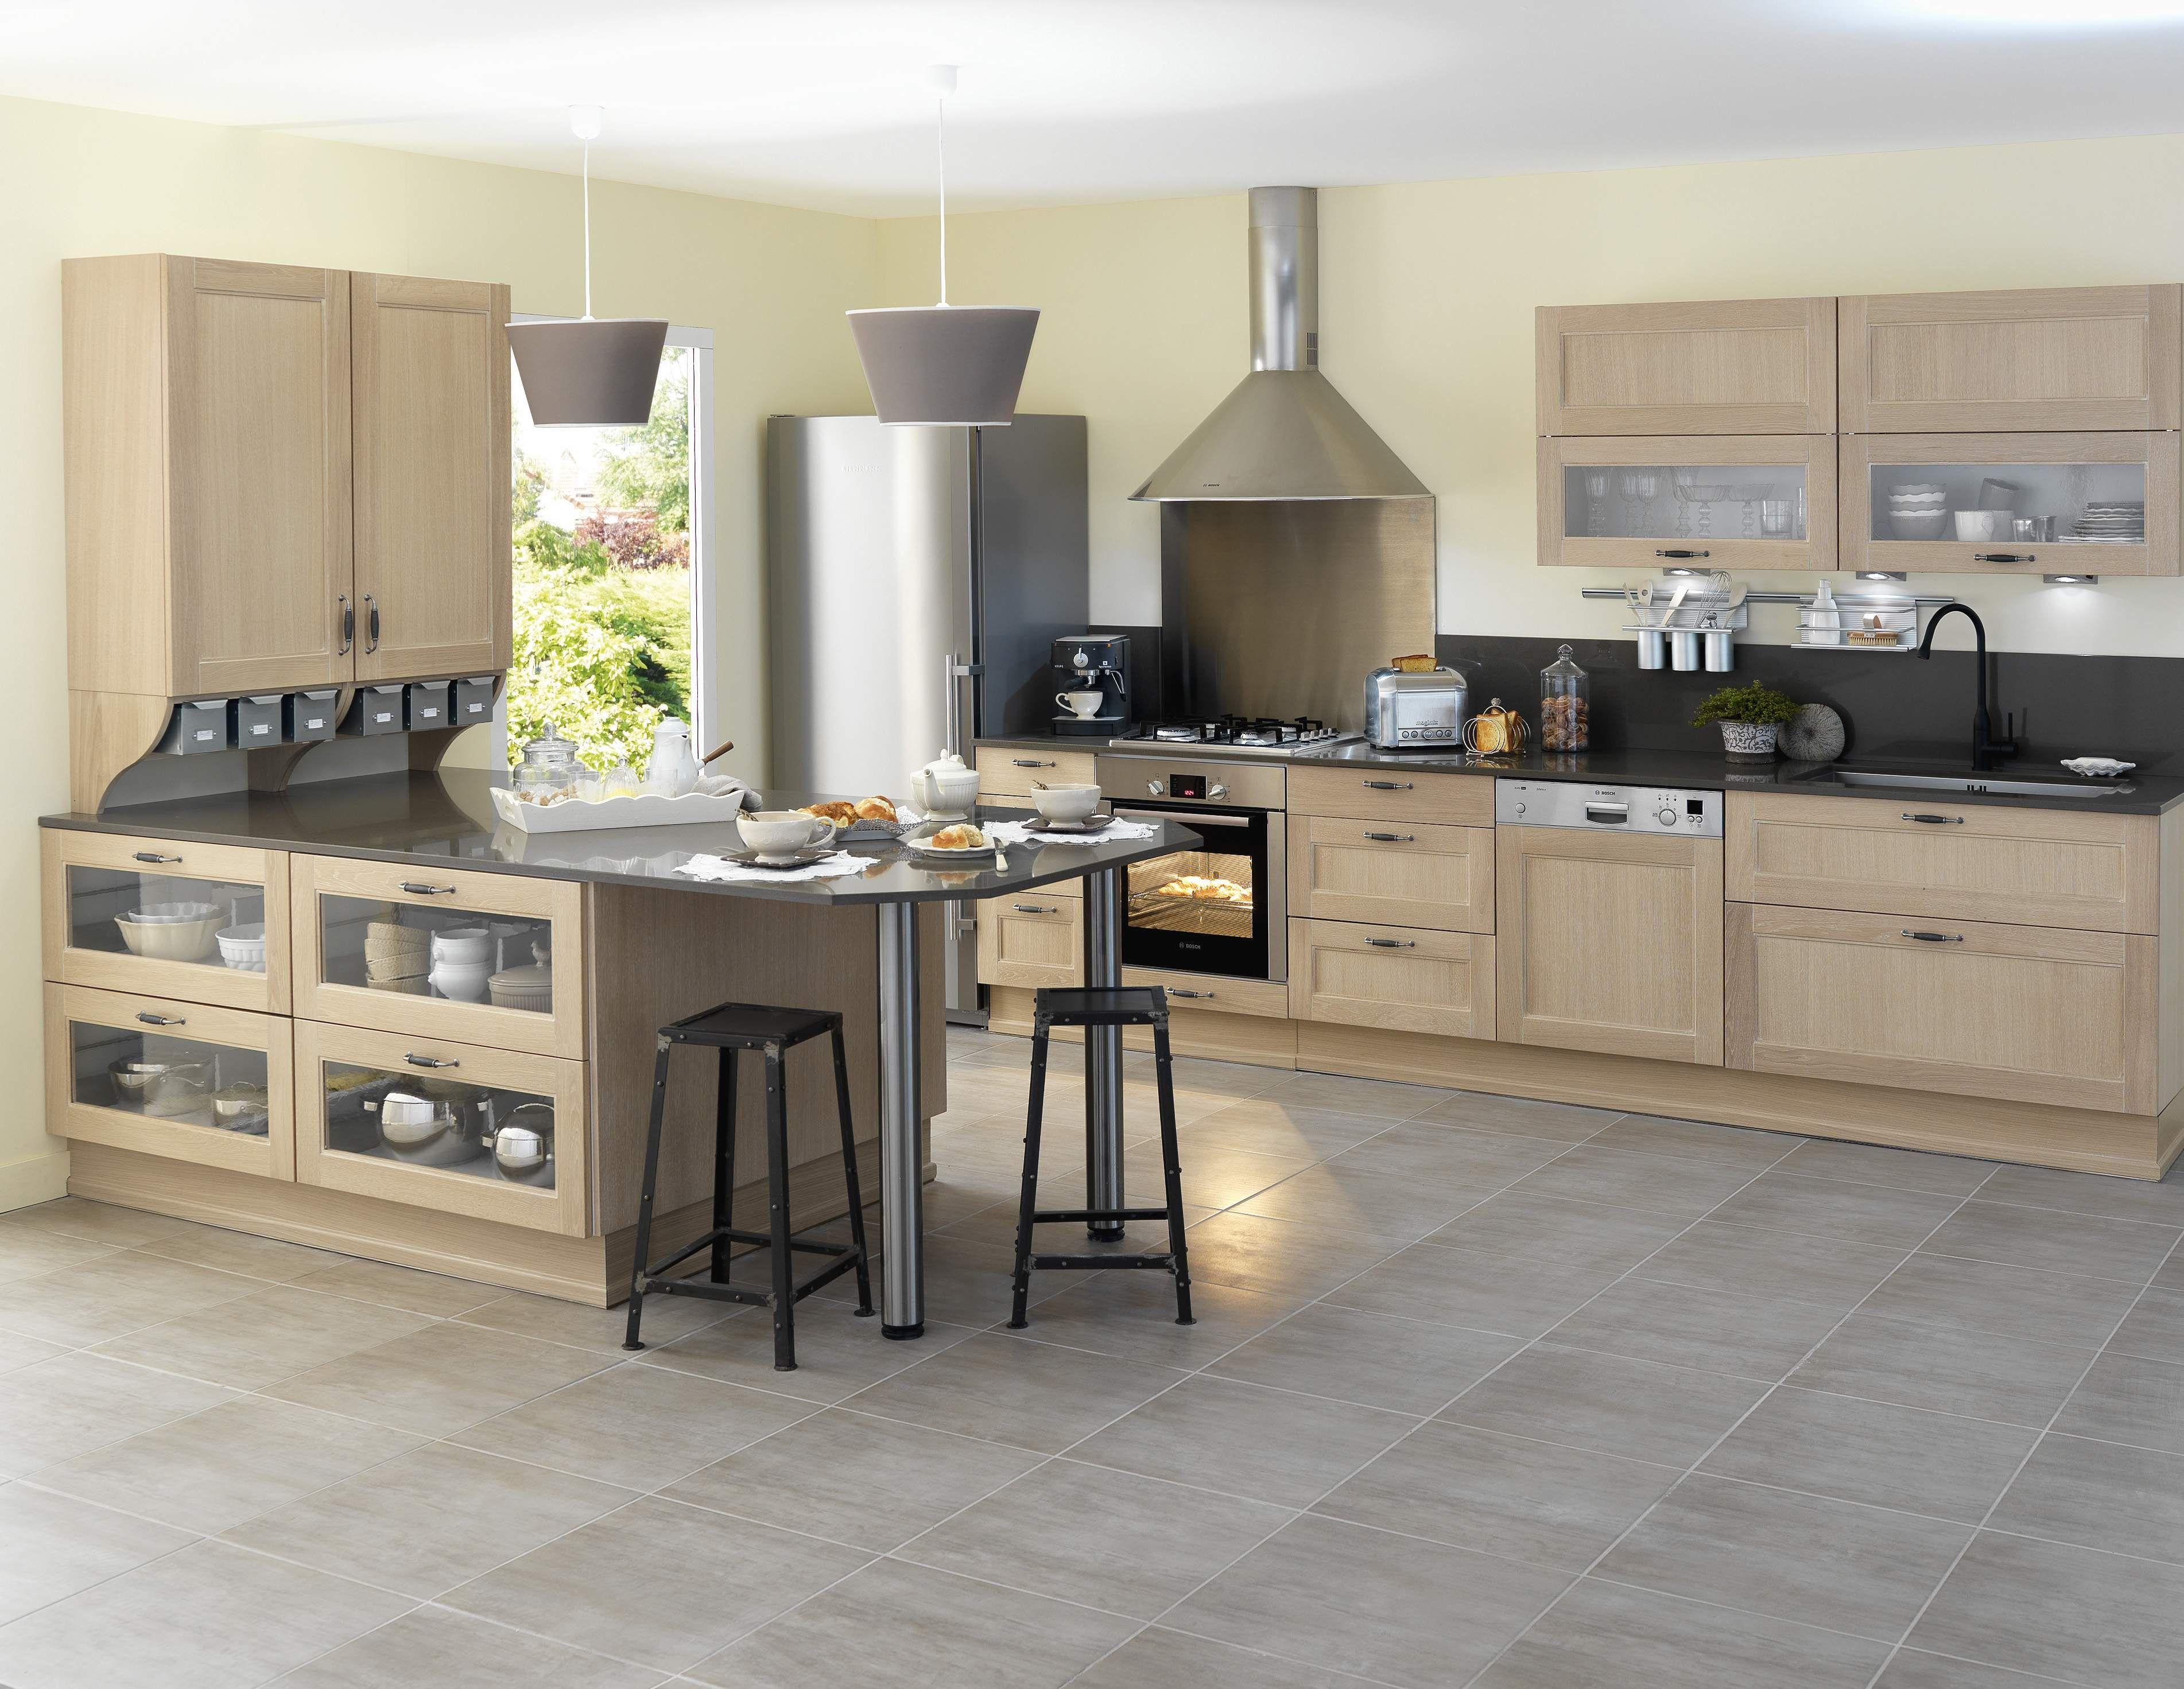 Cuisine fjord blanchi avec ses portes en ch ne le mod le - Les dernier modele de cuisine ...